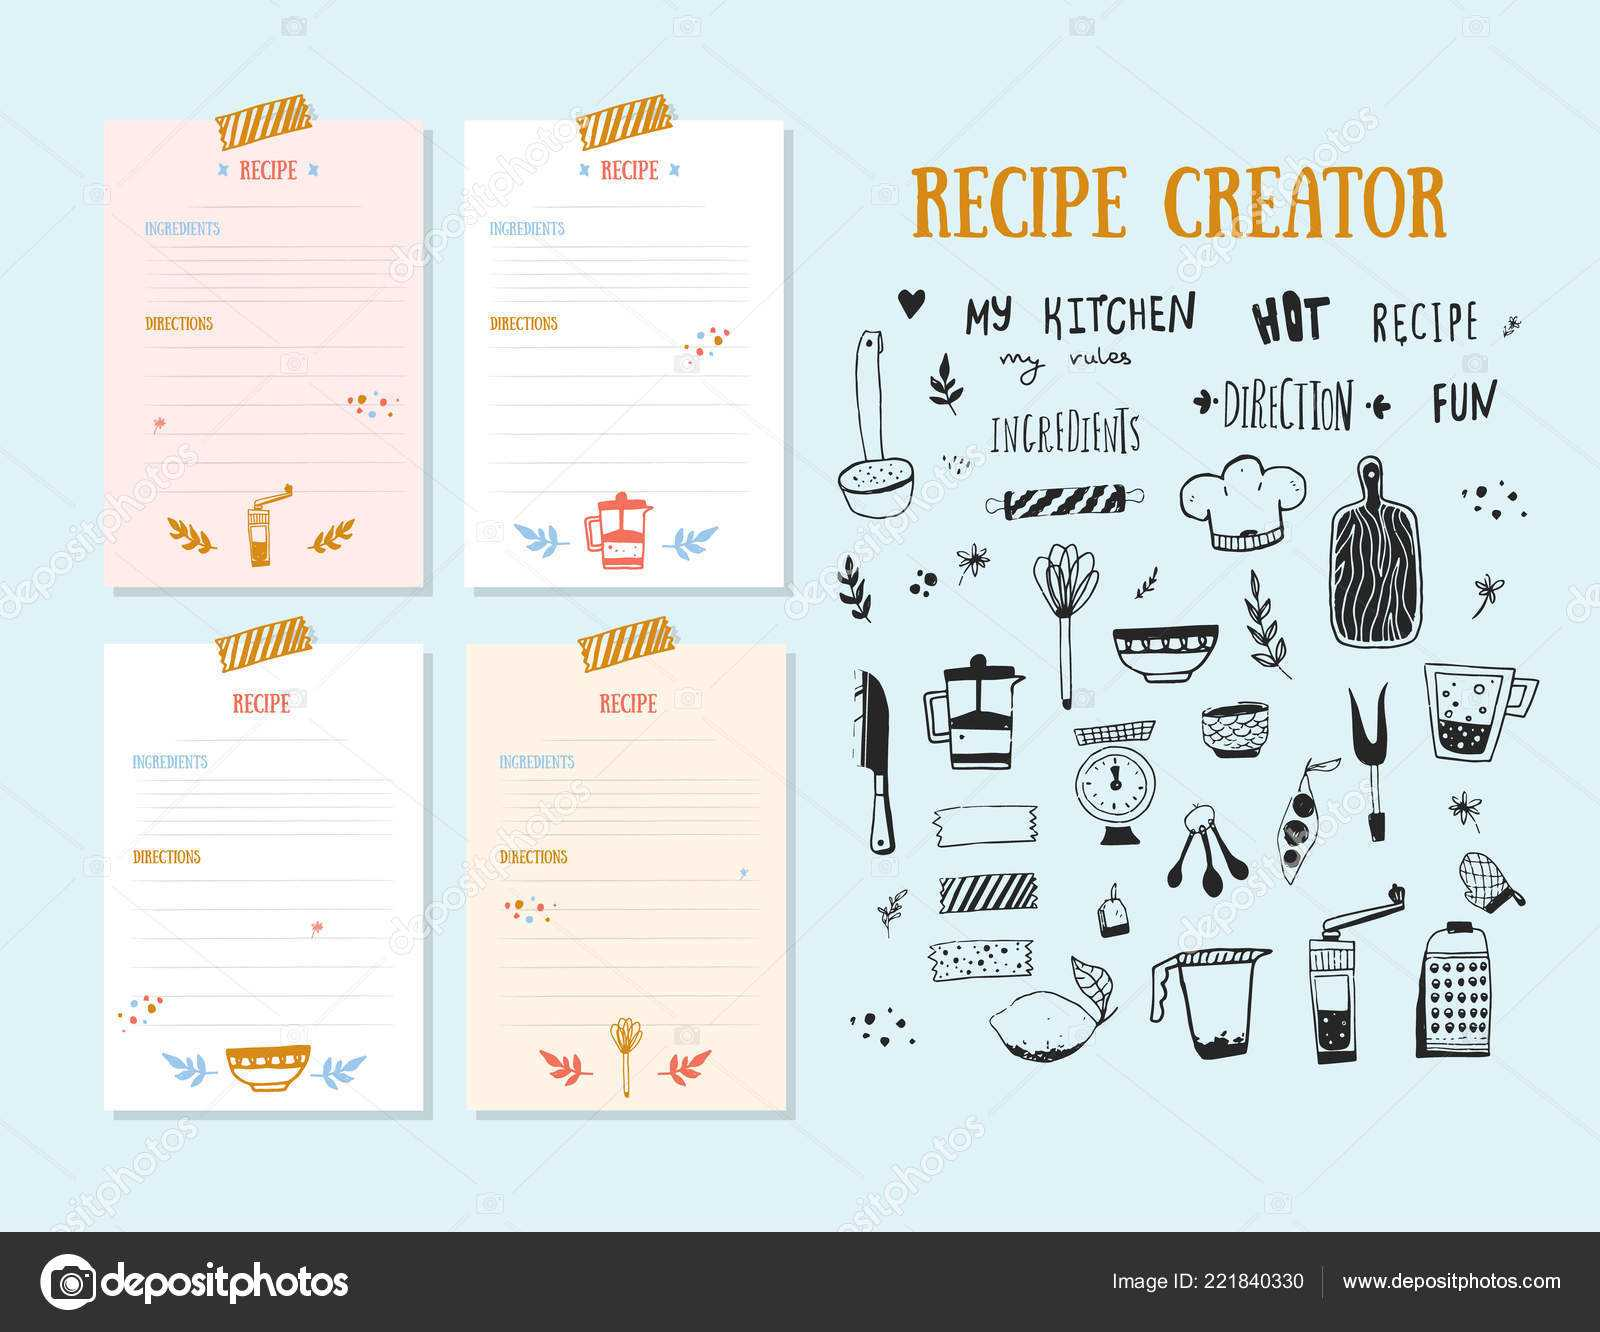 Cookbook Design Template | Modern Recipe Card Template Set Inside Recipe Card Design Template